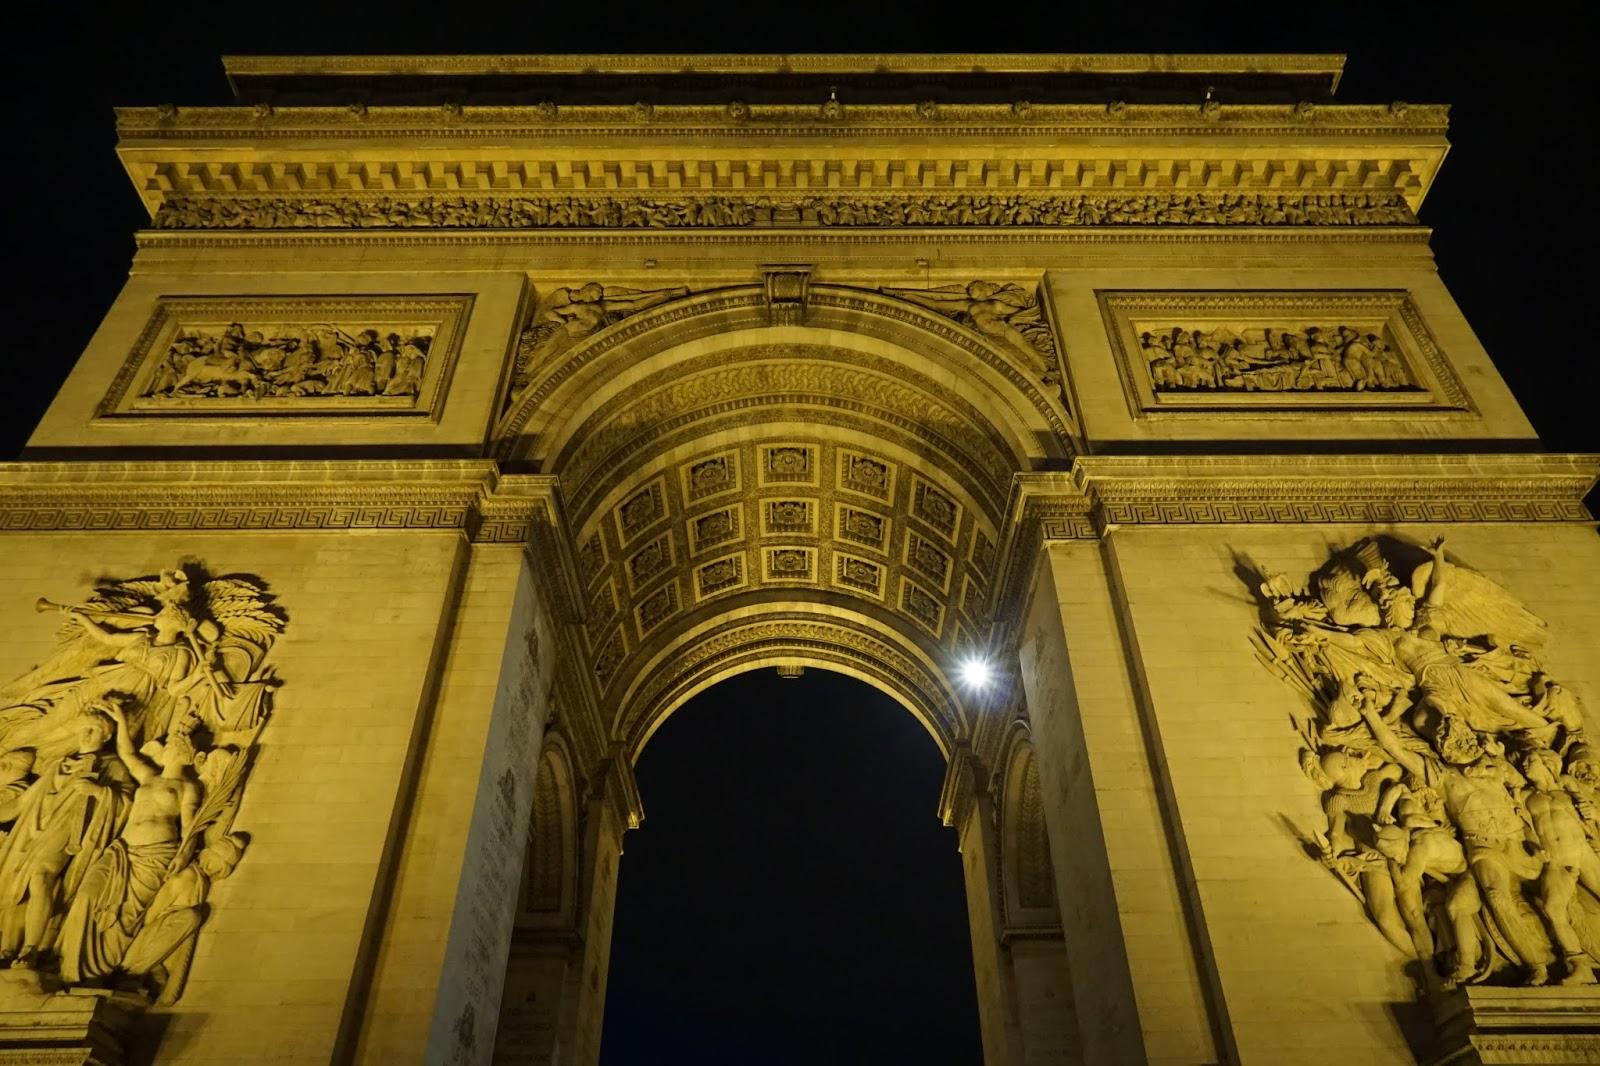 エトワールの凱旋門(Arc de triomphe de l'Étoile)の正面